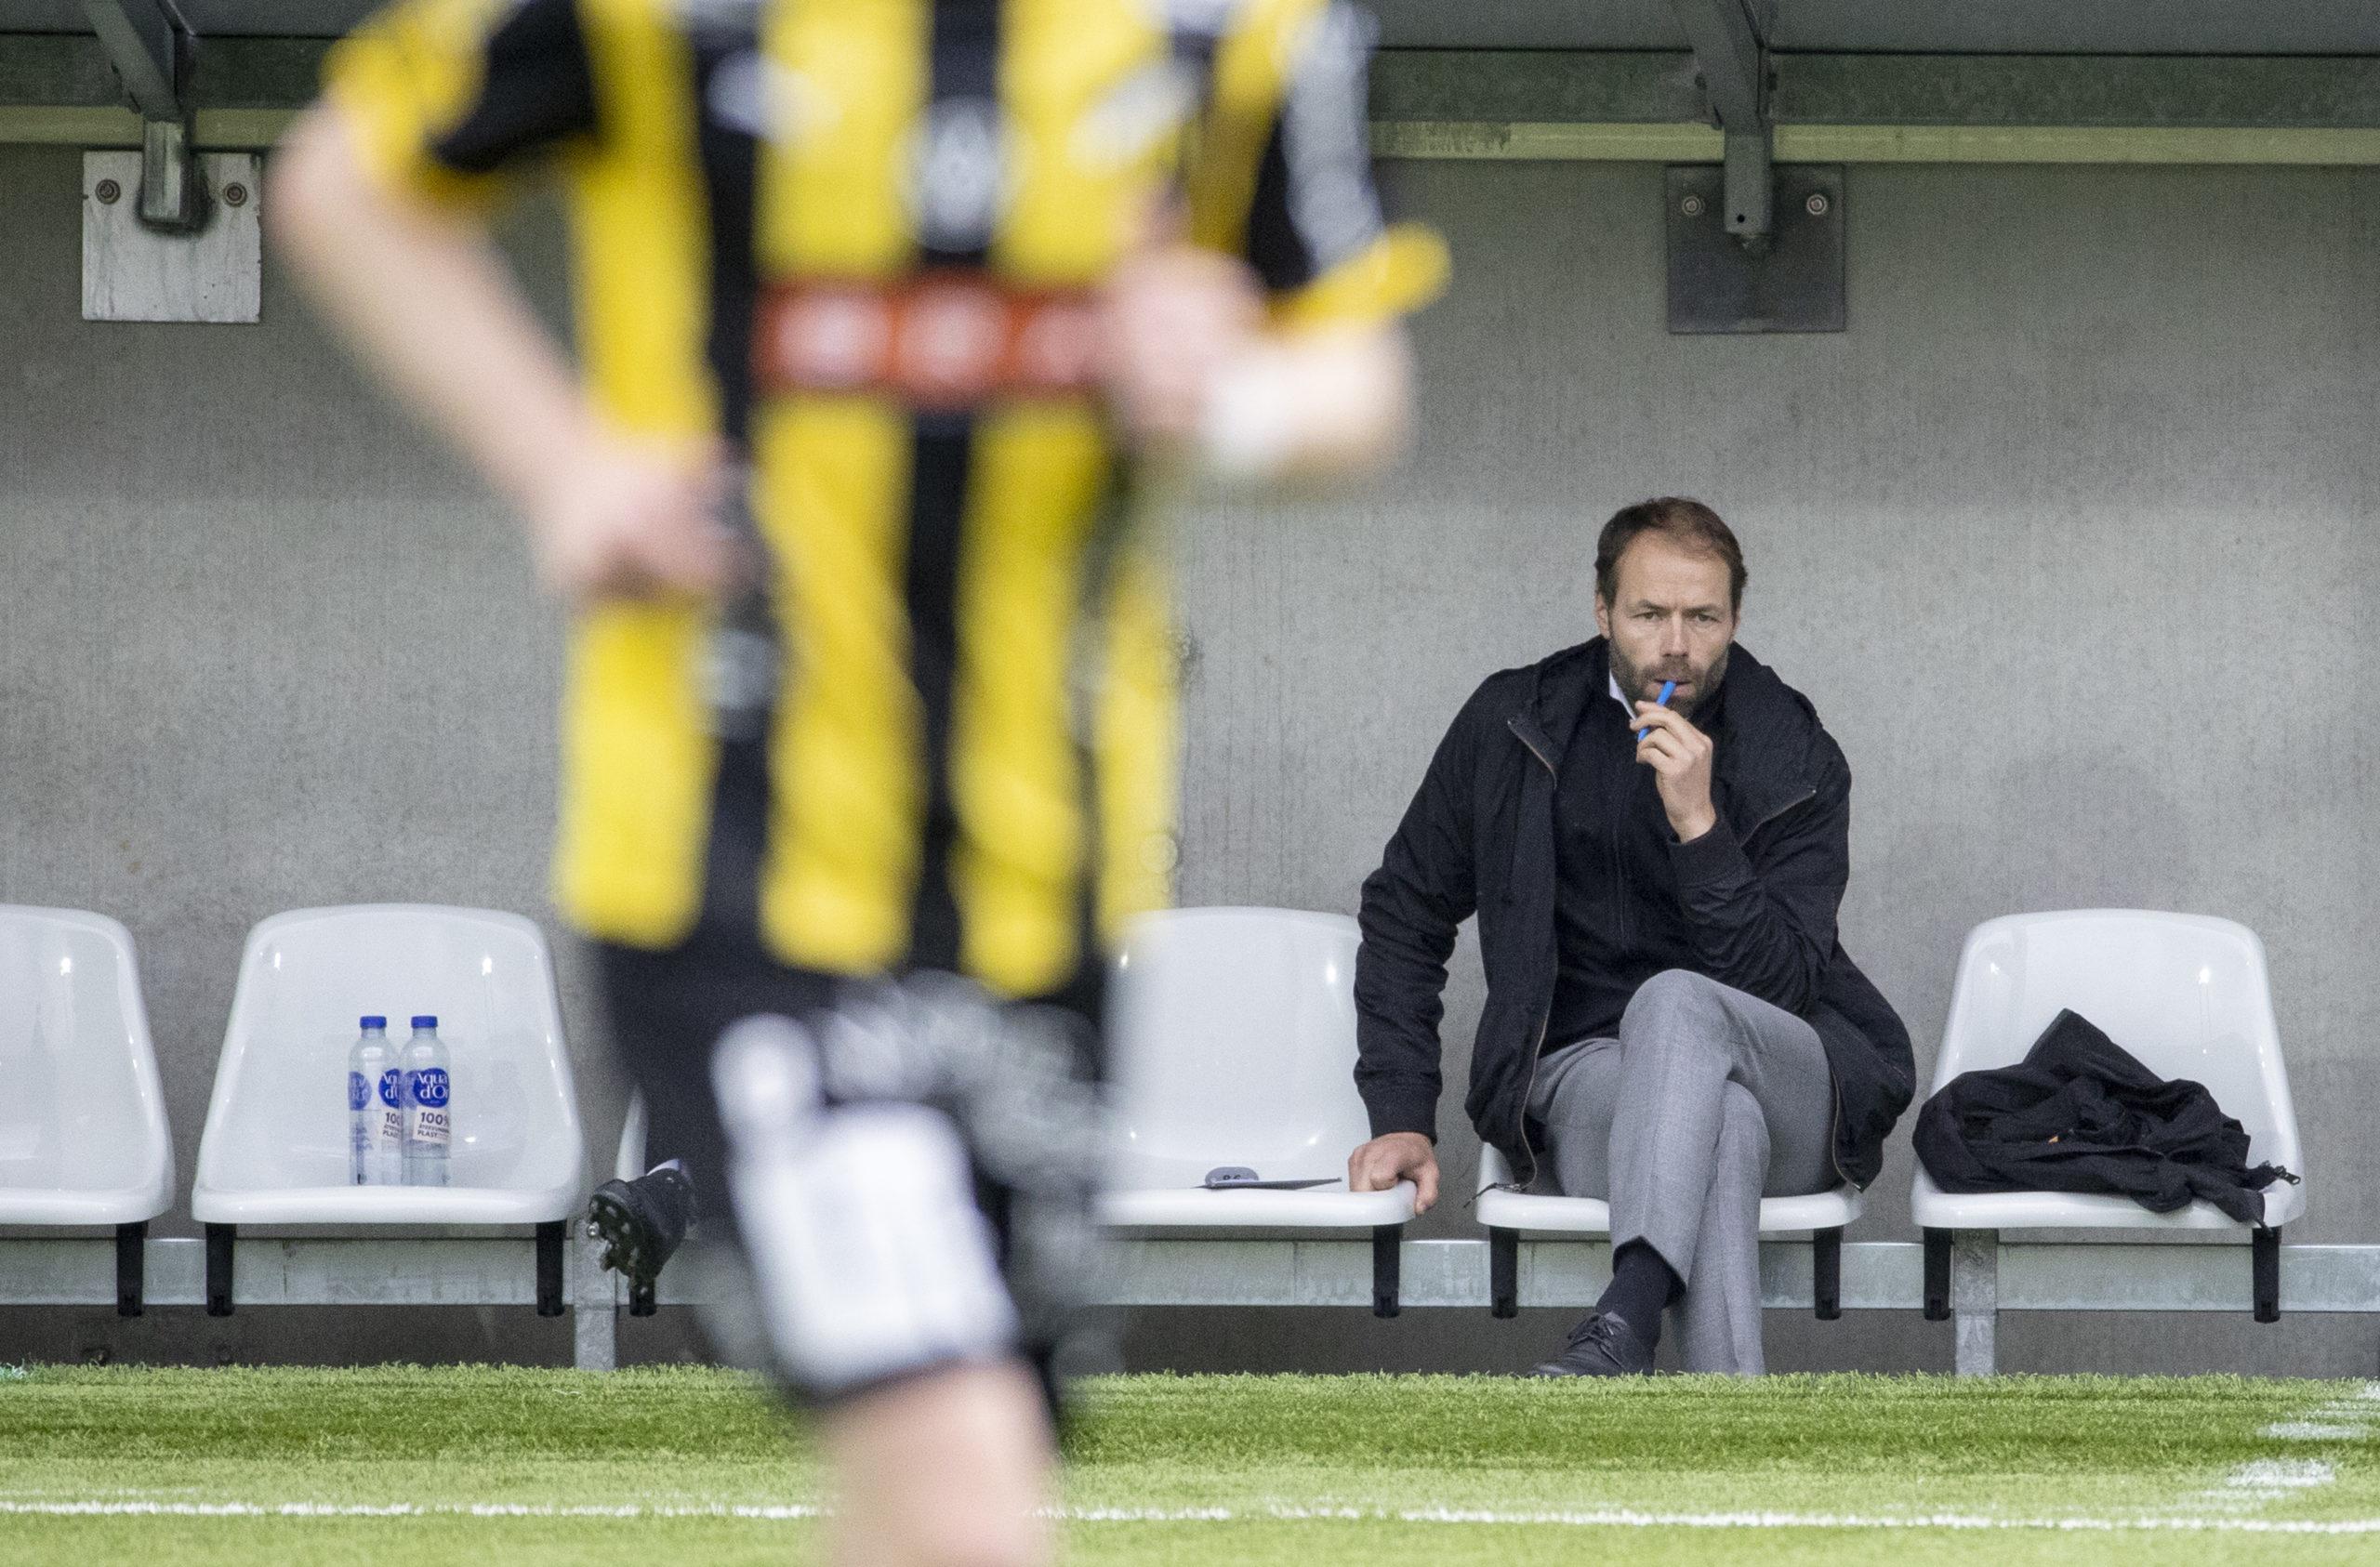 Andreas Alm sitter på tränarbänken och tittar på när BK Häcken spelar match.